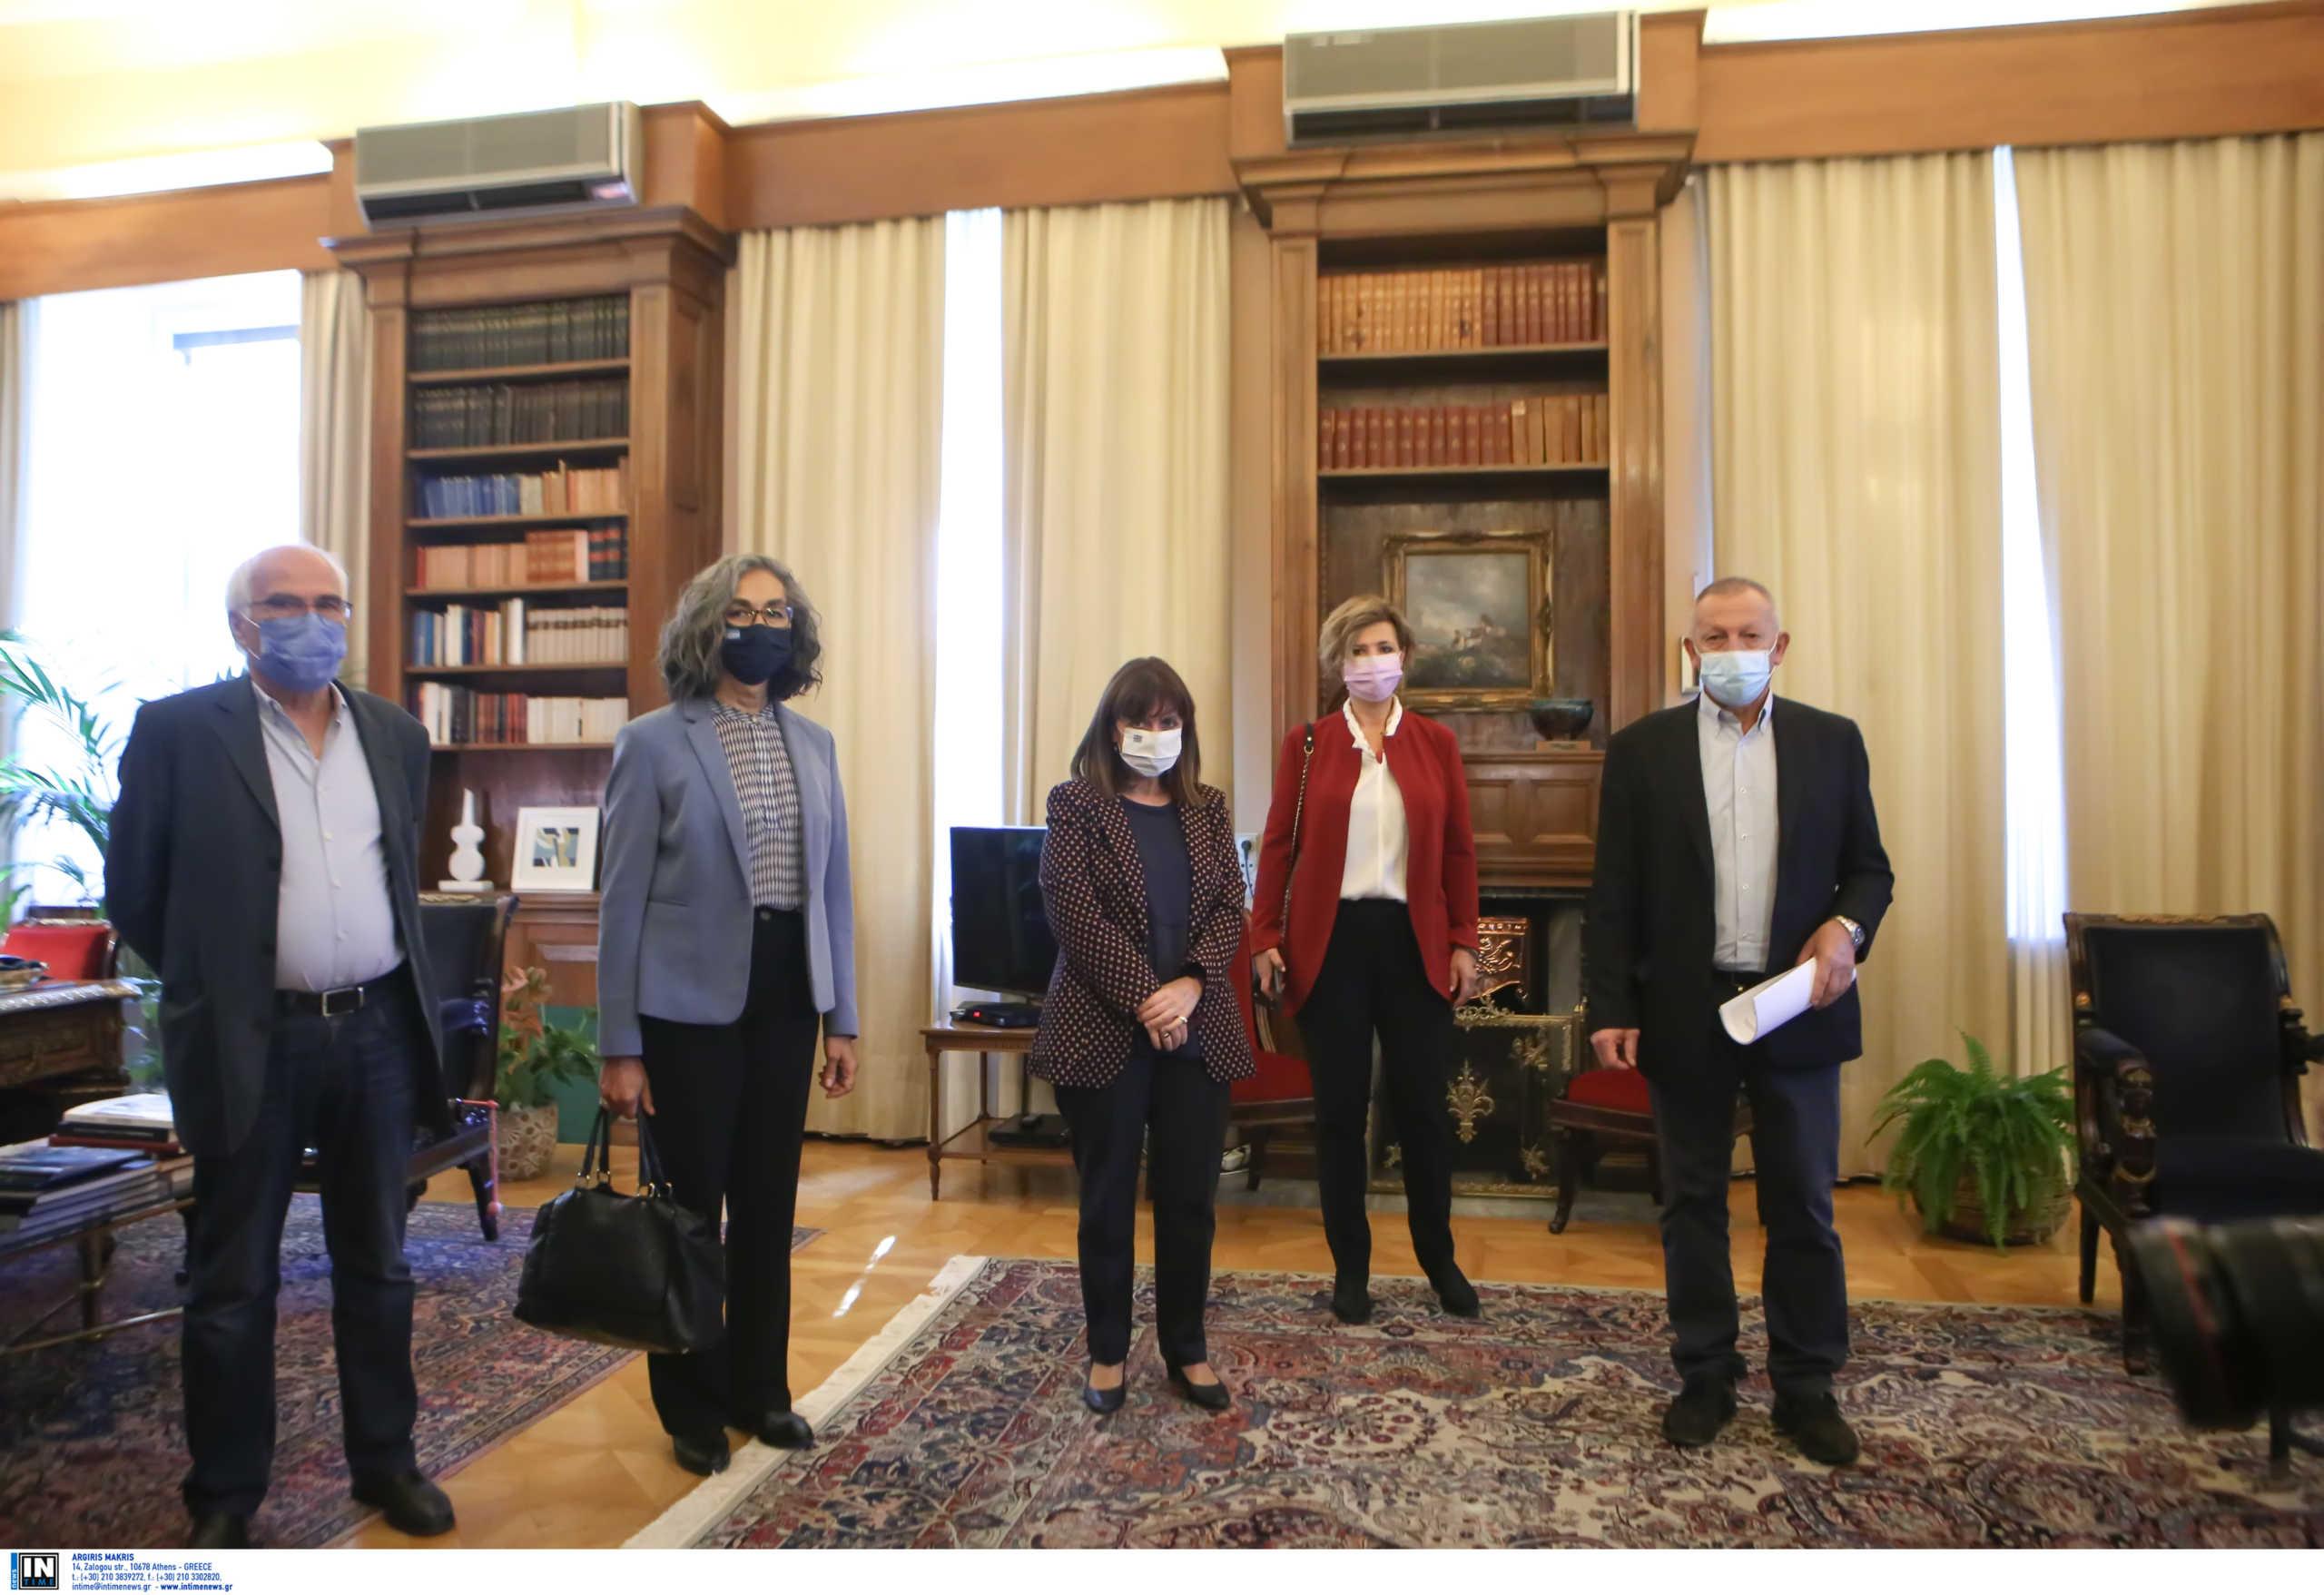 Ψήφισμα διαμαρτυρίας στη Σακελλαροπούλου για την απαγόρευση συναθροίσεων - Προσφυγή Βαρουφάκη στο ΣτΕ